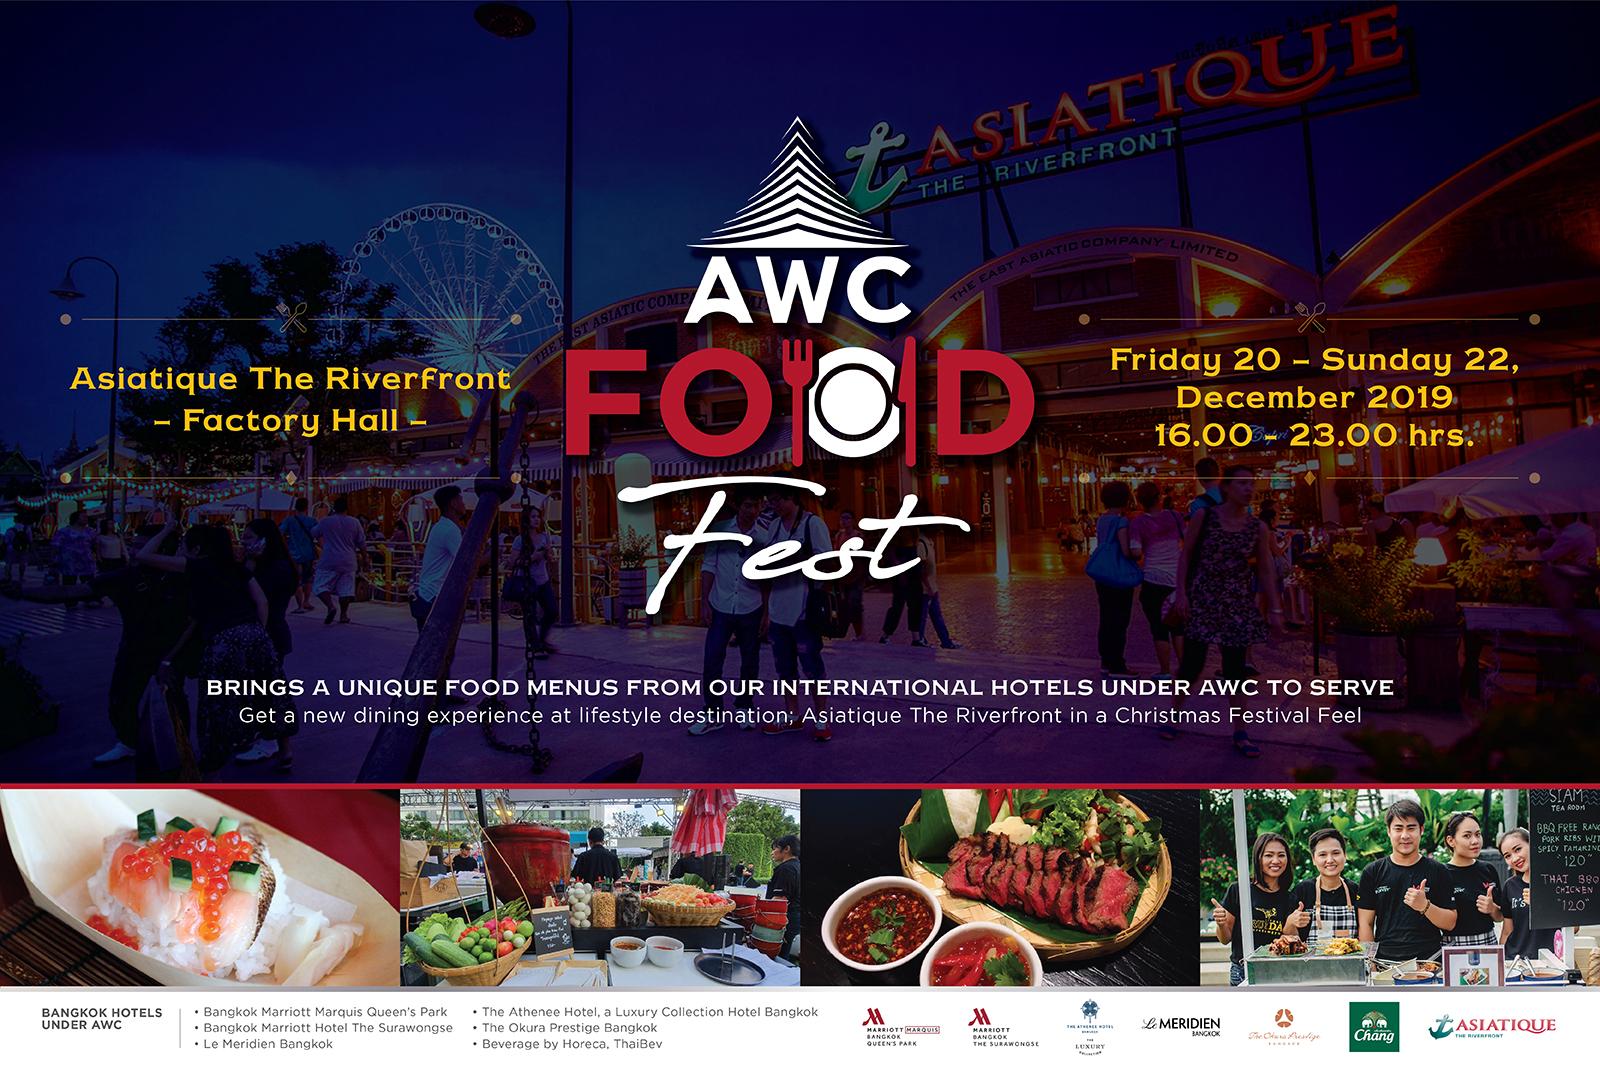 20-22 ธ.ค. นี้ พบกับมหกรรมอาหารนานาชาติ จากโรงแรมดังระดับโลก ในงาน AWC Food Fest ที่เอเชียทีค เดอะ ริเวอร์ฟร้อนท์